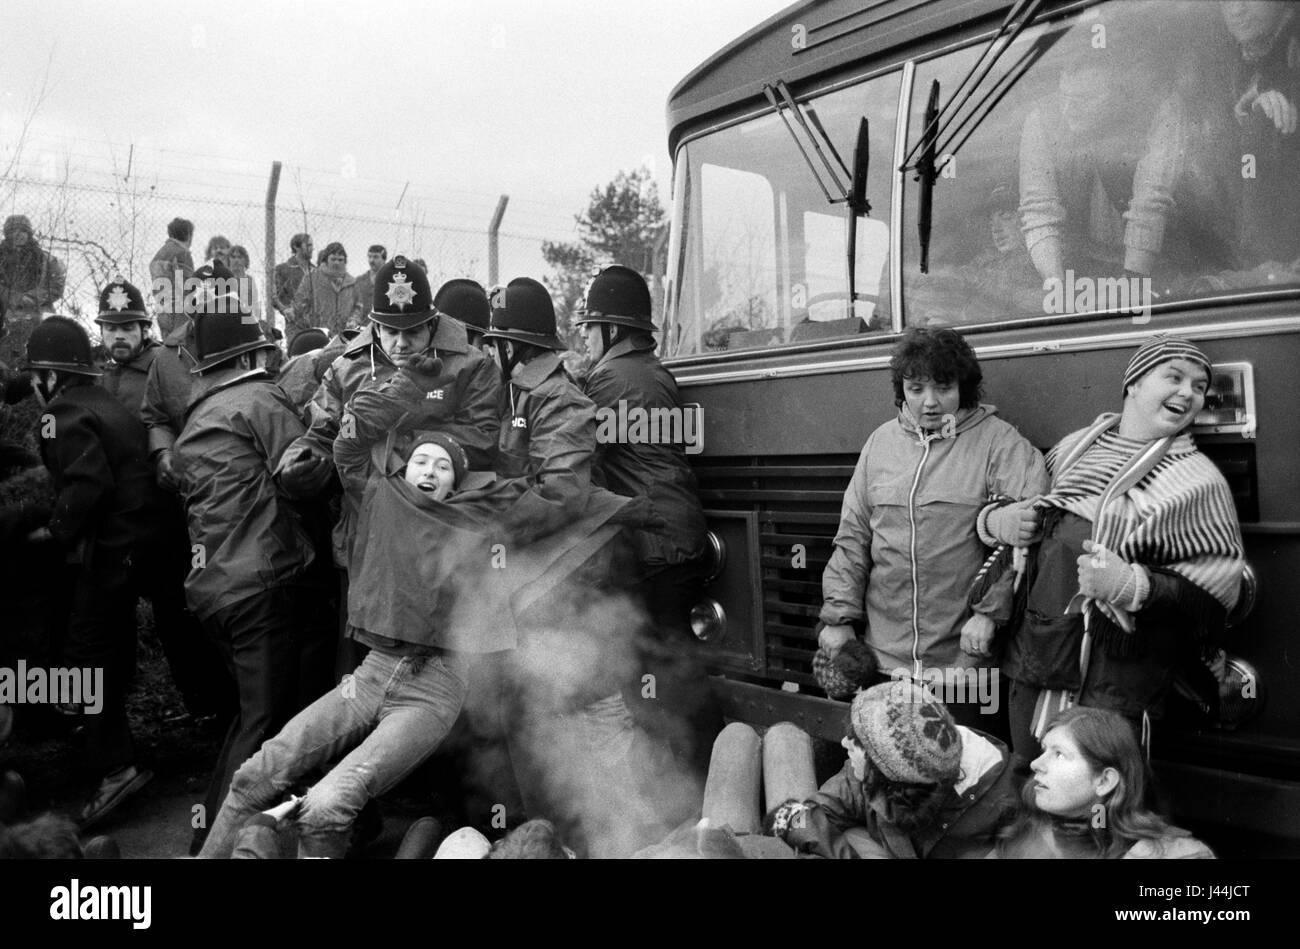 Greenham Common Womens mouvement de paix. Les femmes l'arrêt d'un bus avec les travailleurs entrant Photo Stock